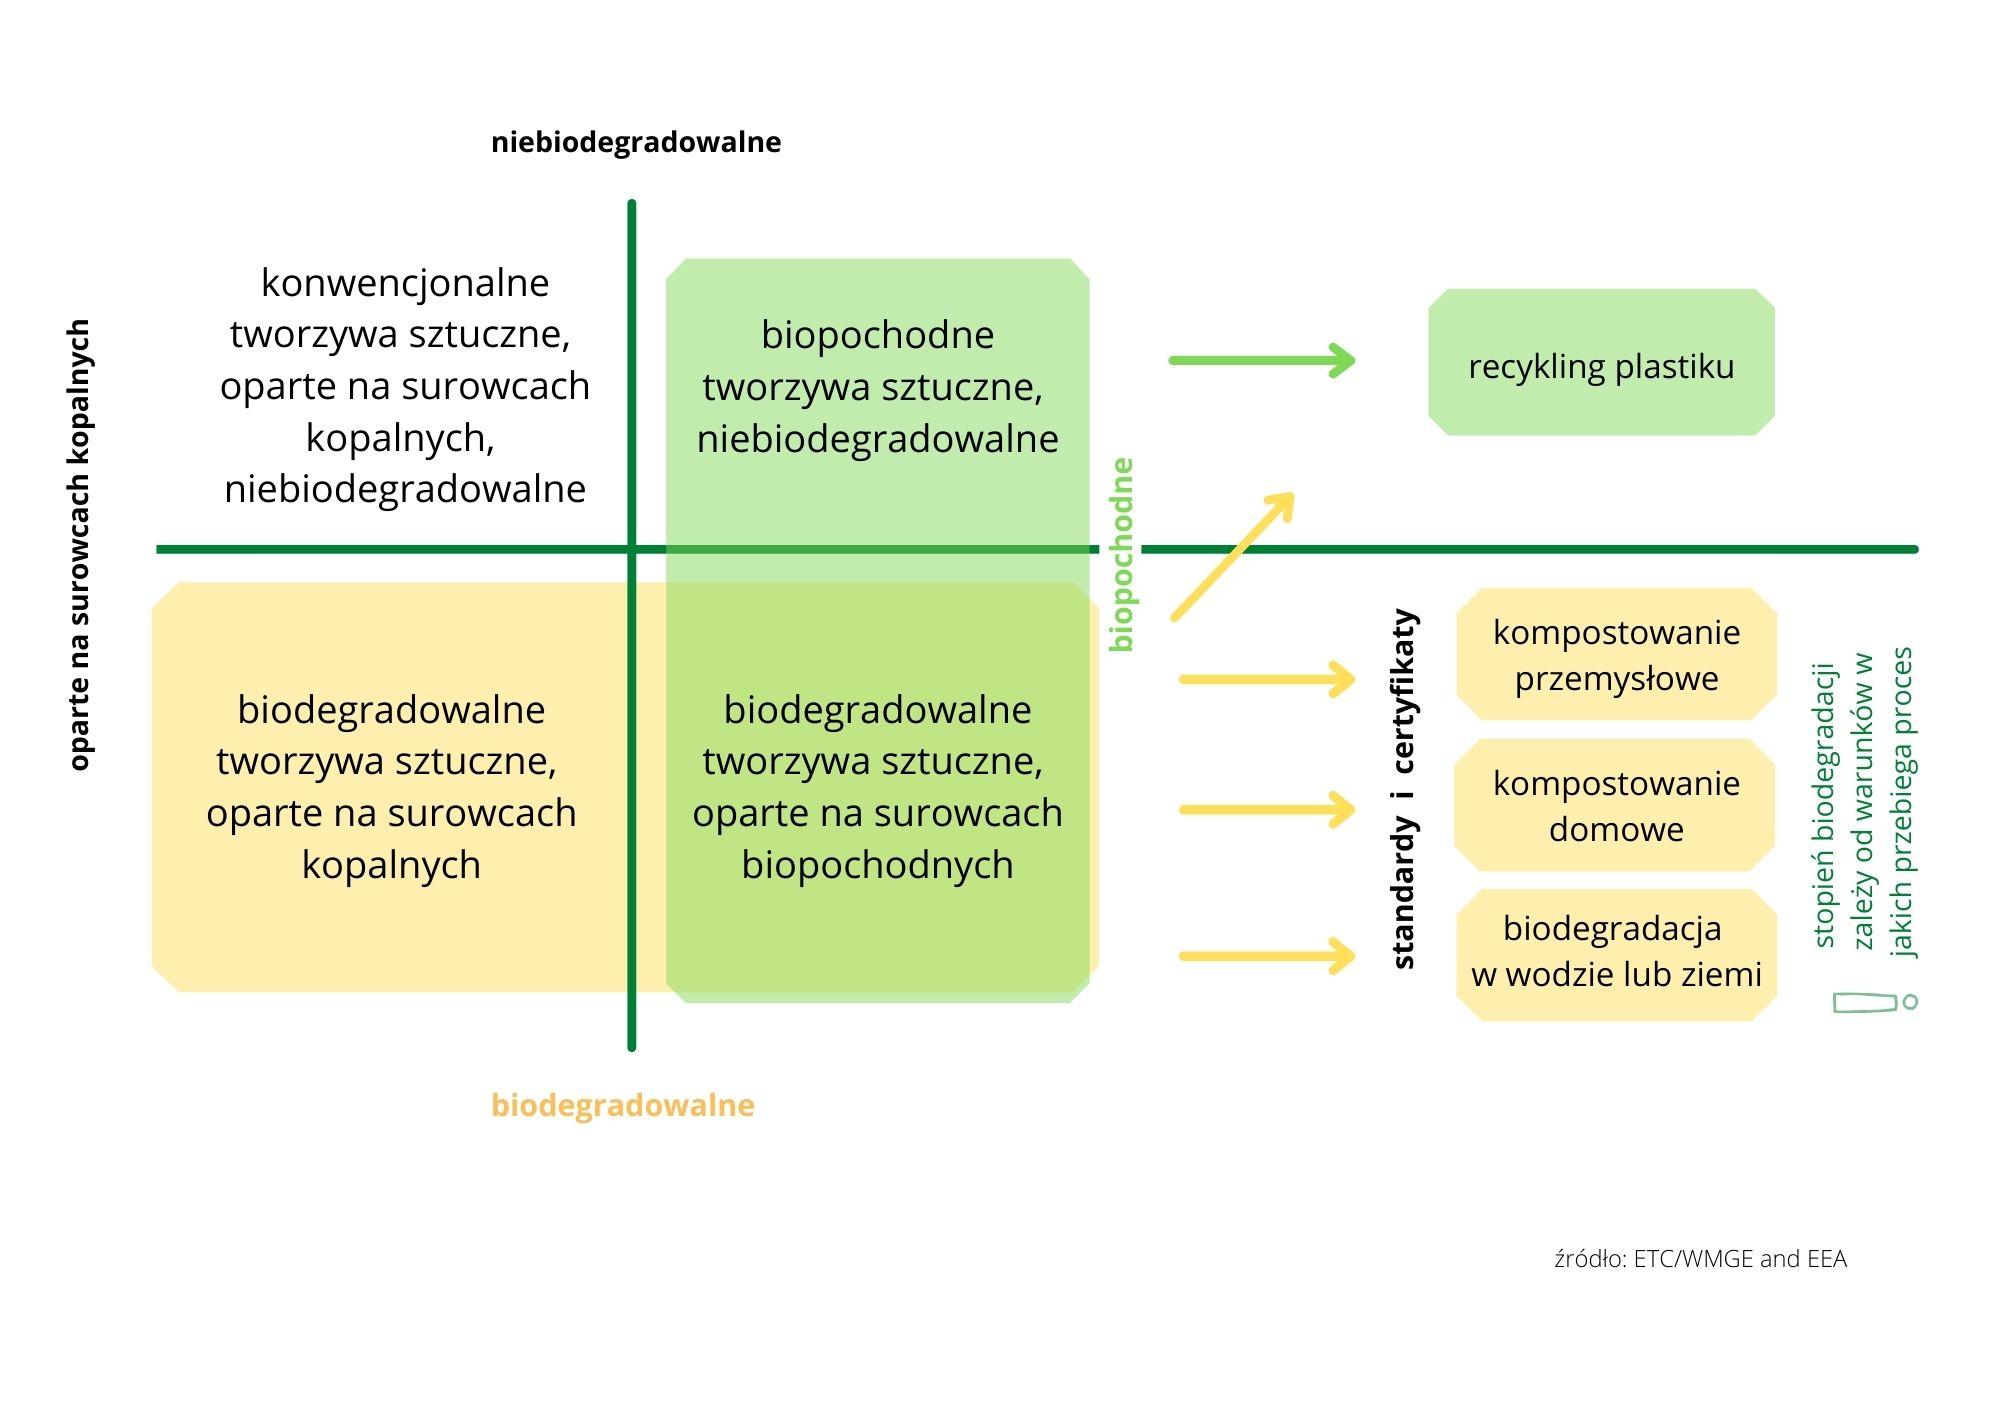 Materiały ulegające biodegradacji, kompostowaniu orazmateriały biopochodne